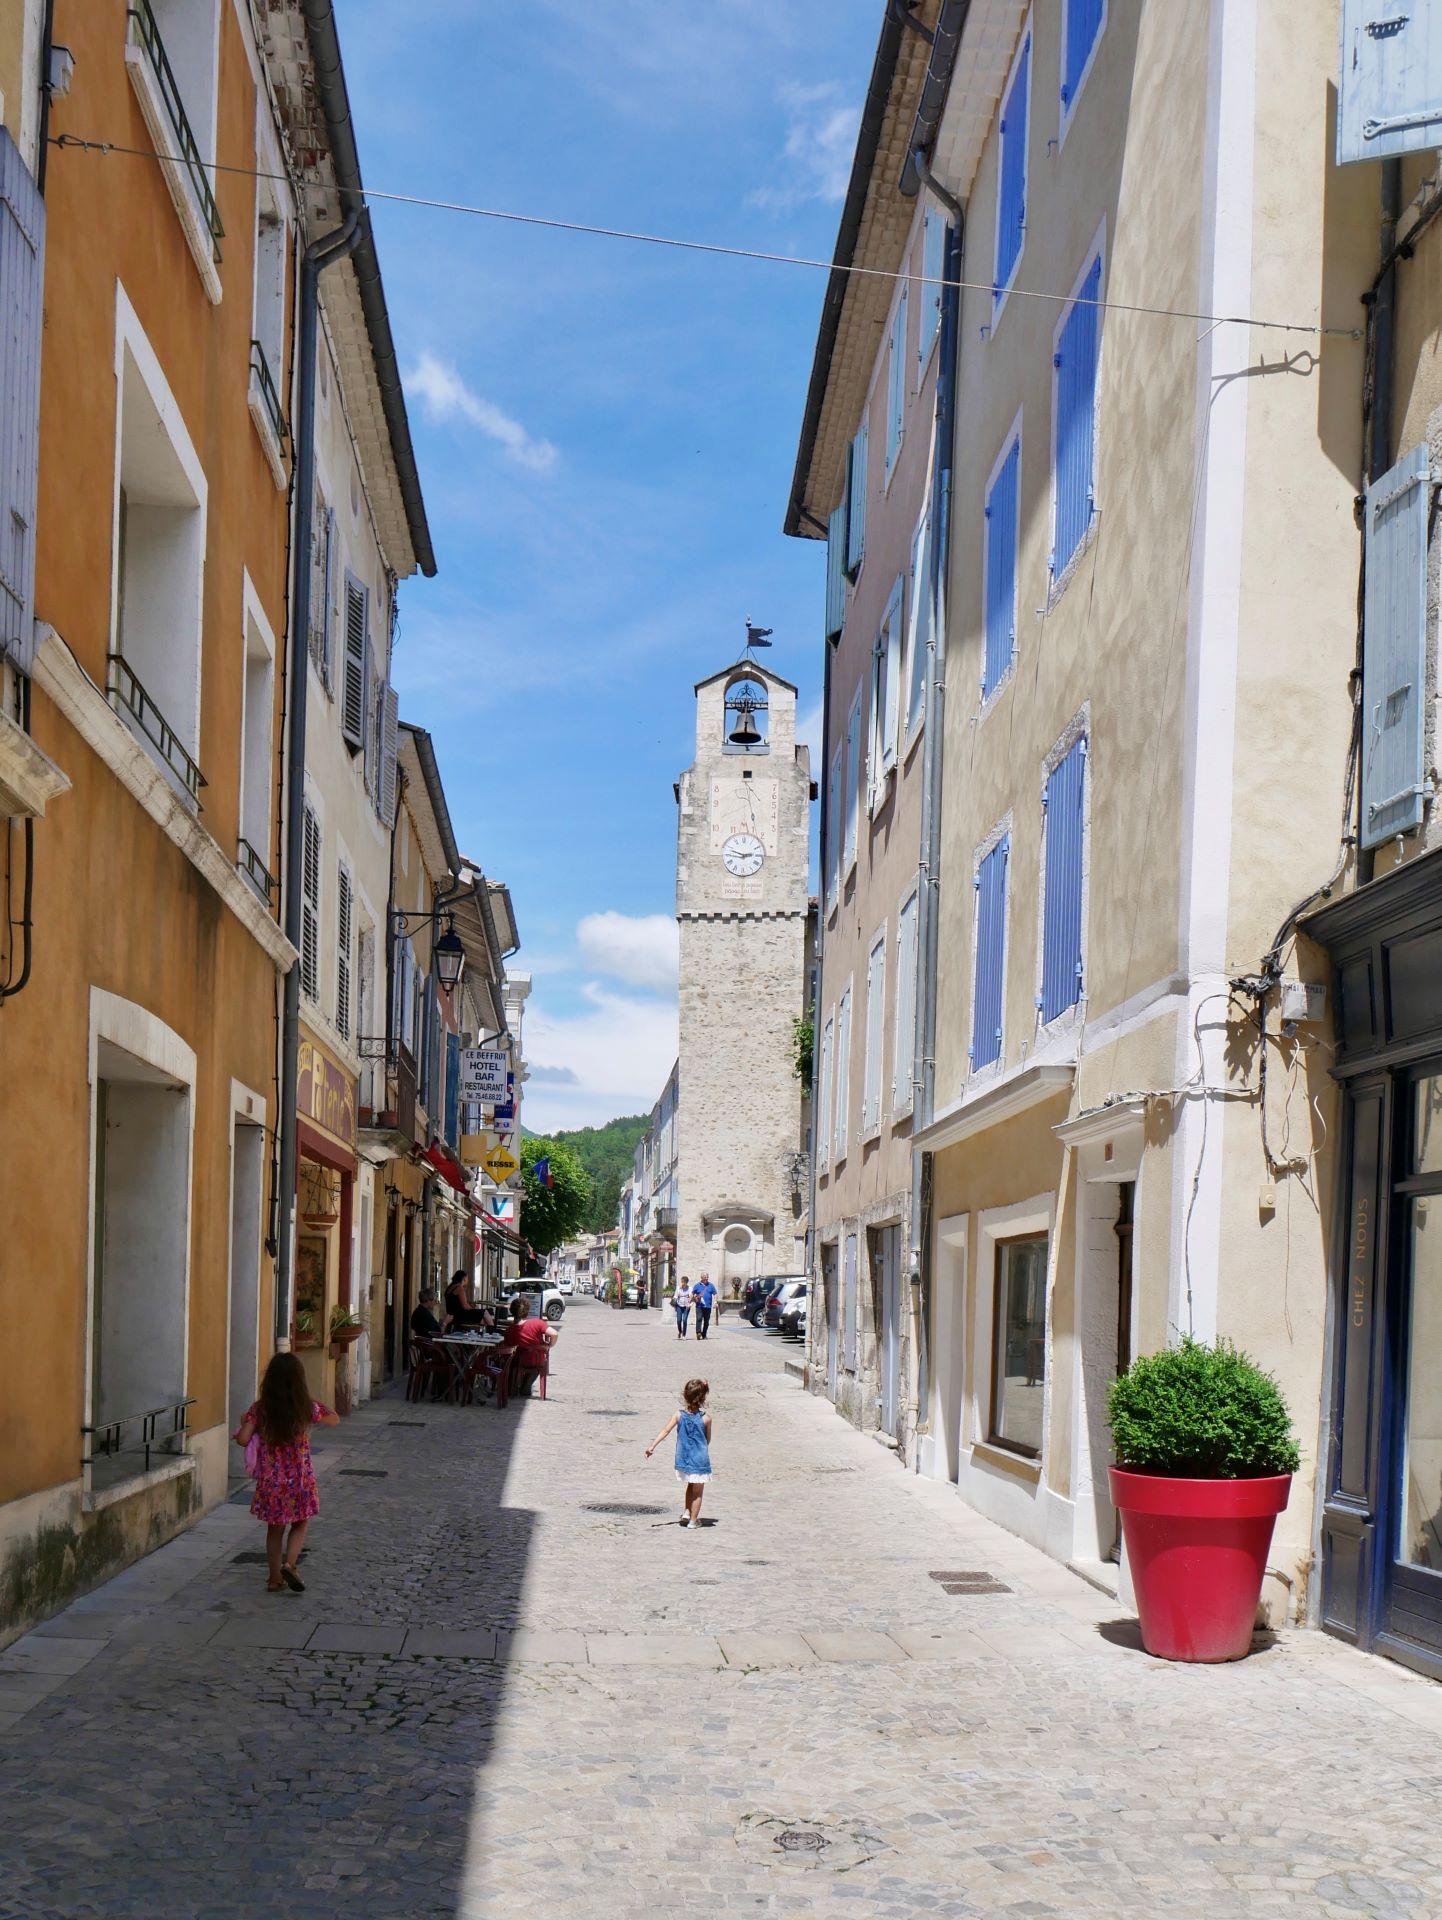 Rue piétonne et tour de l'horloge de Dieulefit